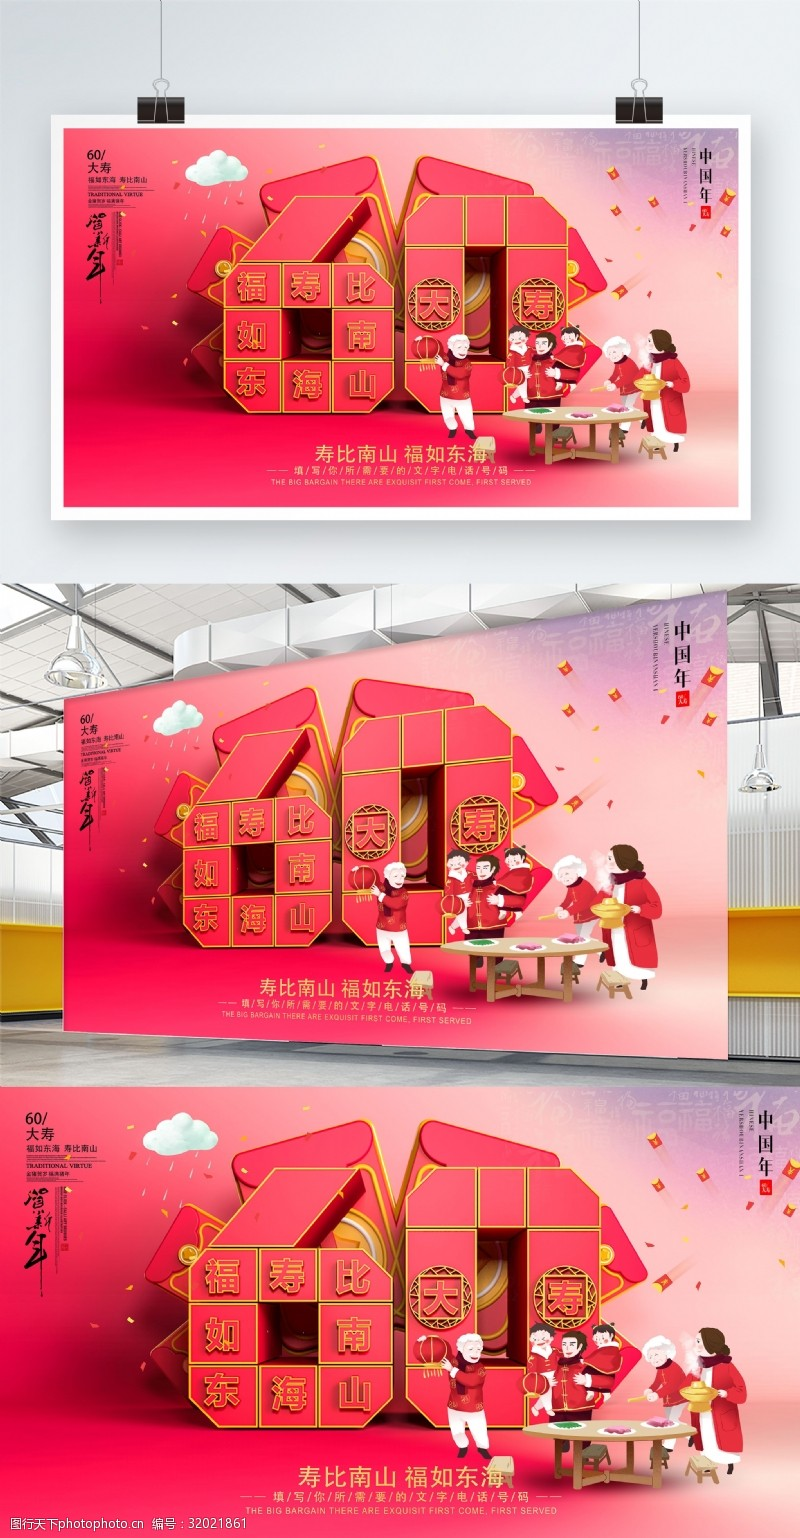 八零海报设计-第12页-图行天下苹果绘制图纸的软件下载图片